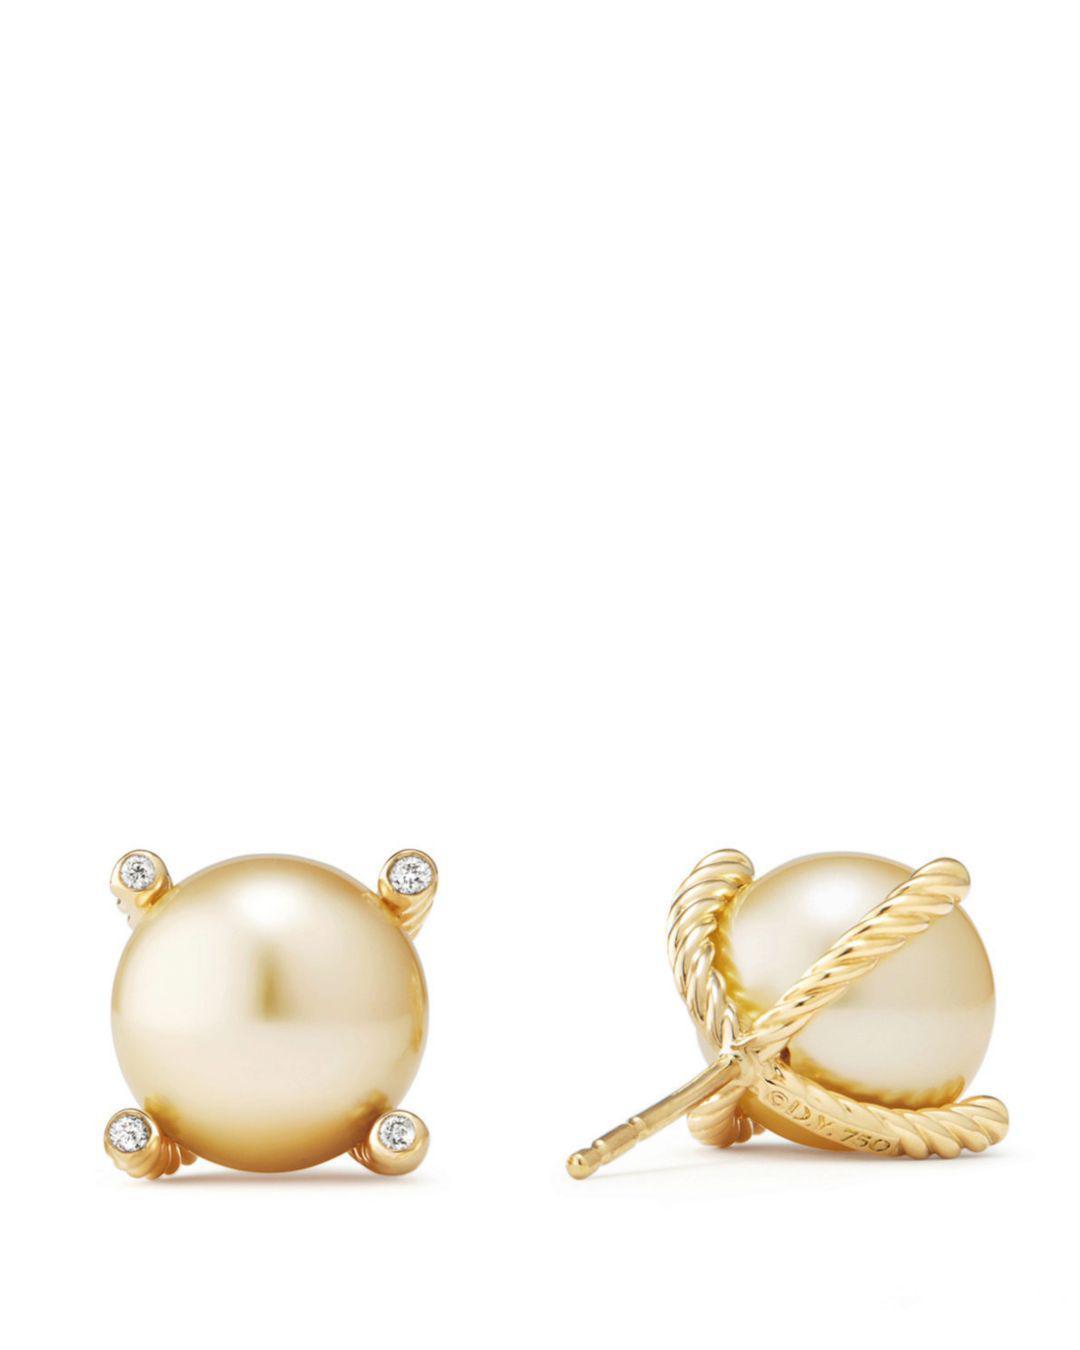 42b9529f6c5ab Women's Metallic Solari South Sea Yellow Cultured Pearl Earrings With  Diamonds In 18k Gold